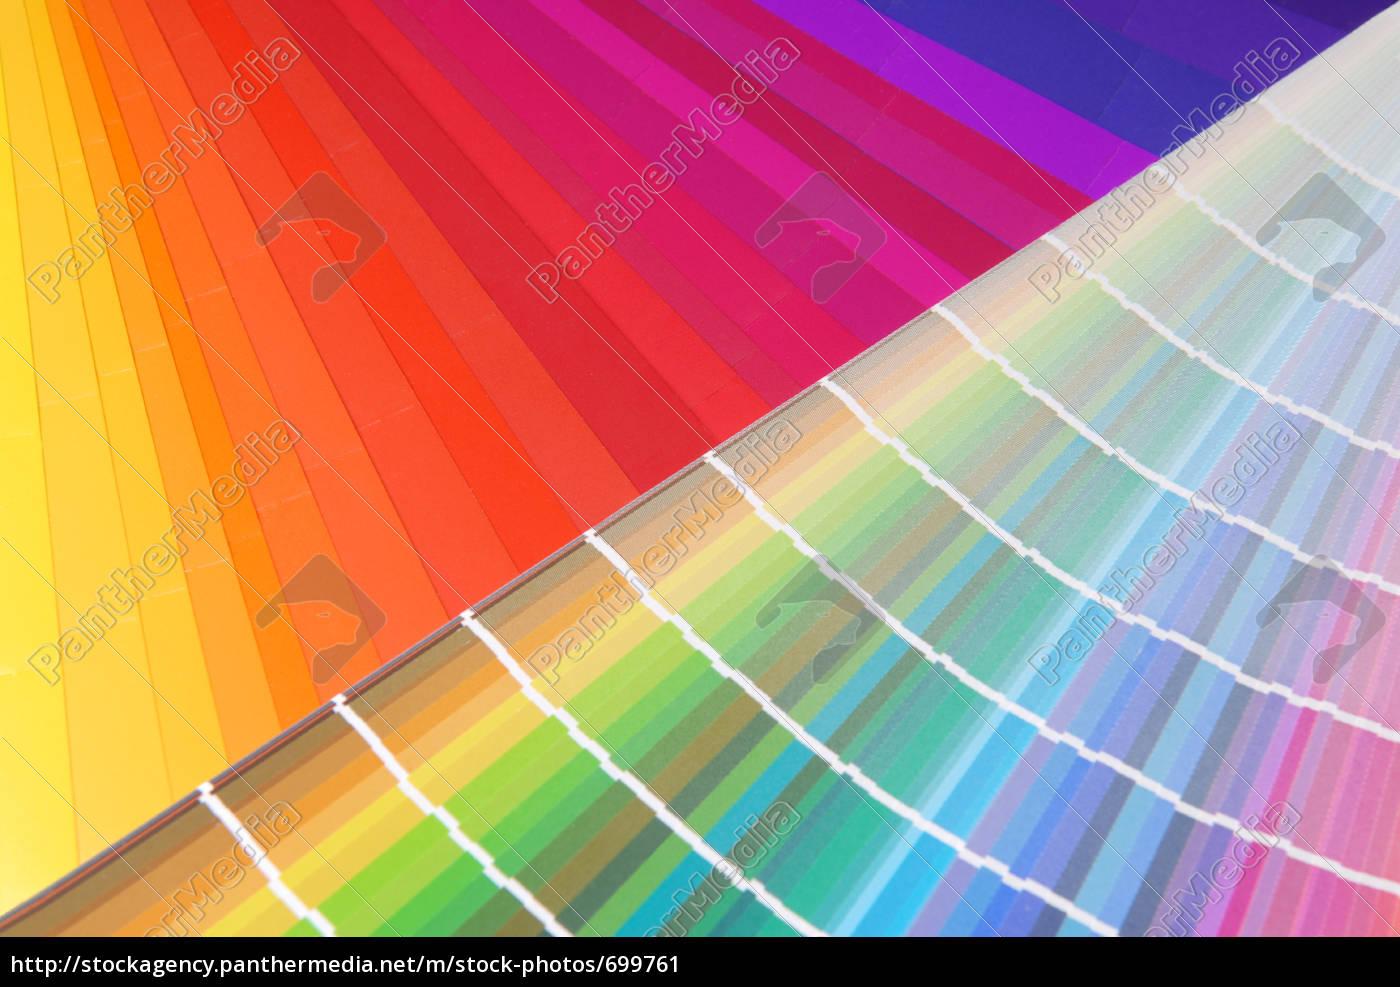 farbfächer - 699761